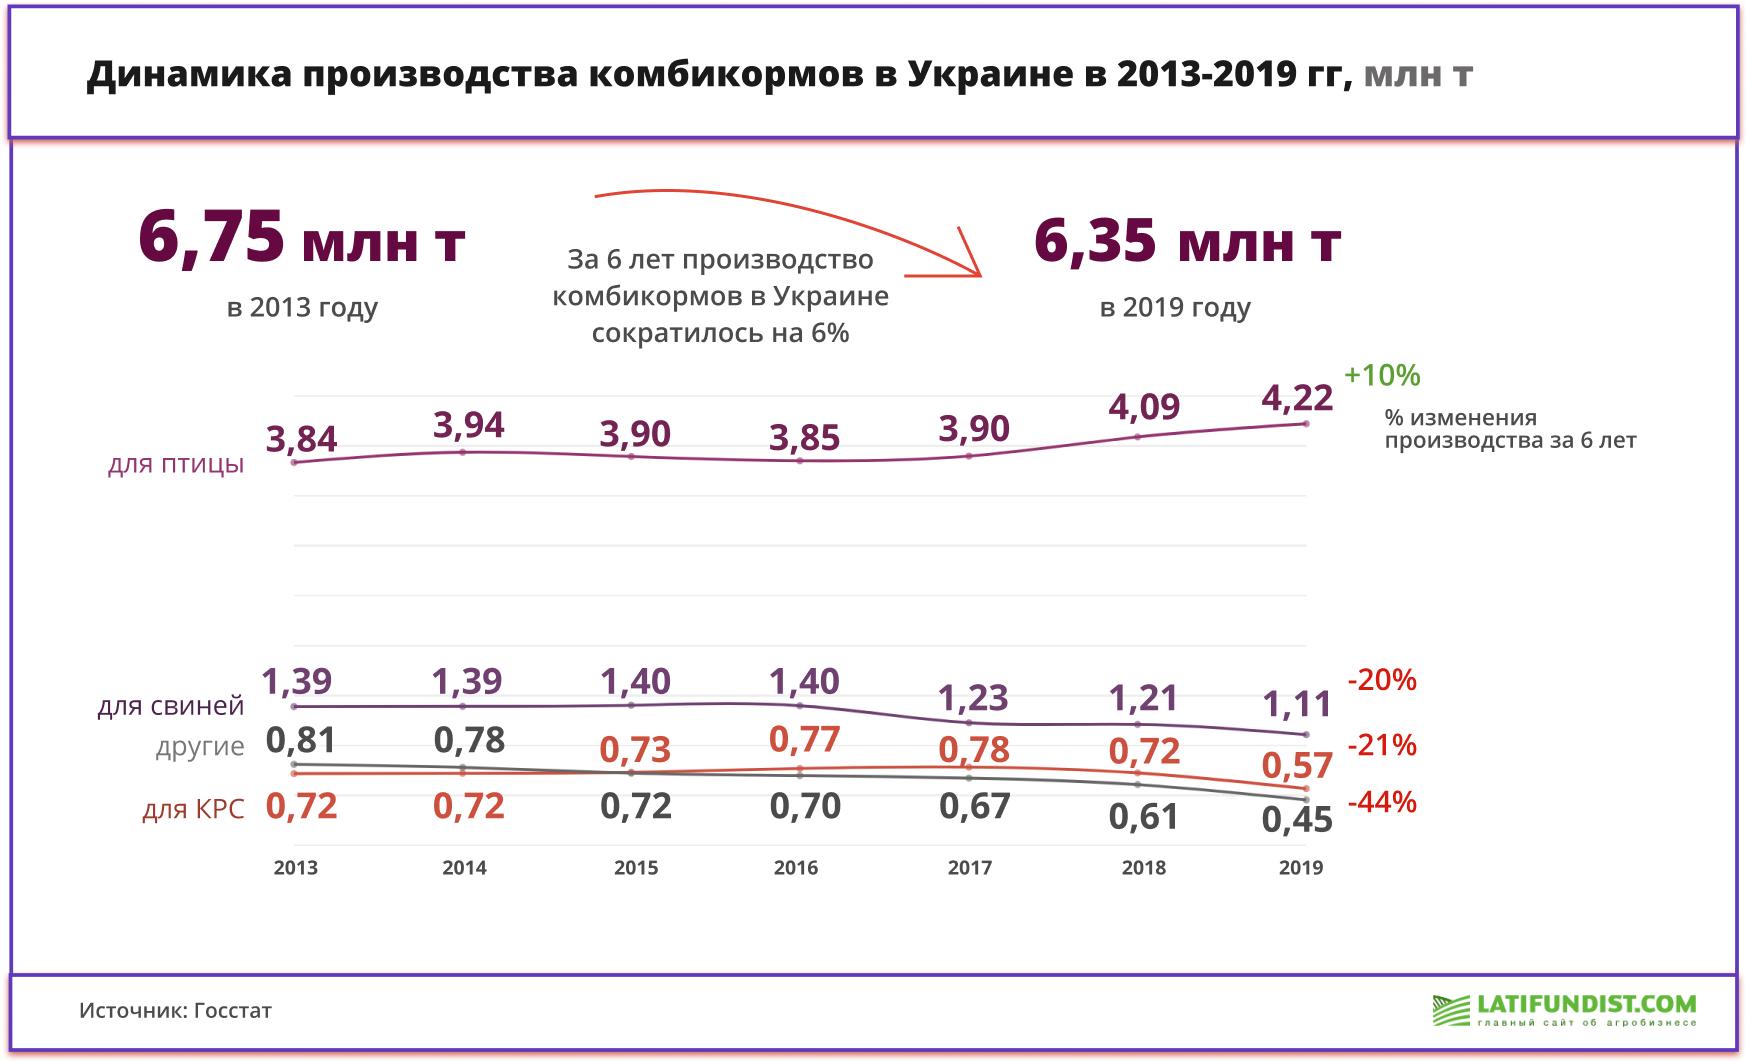 Производство комбикормов в Украине